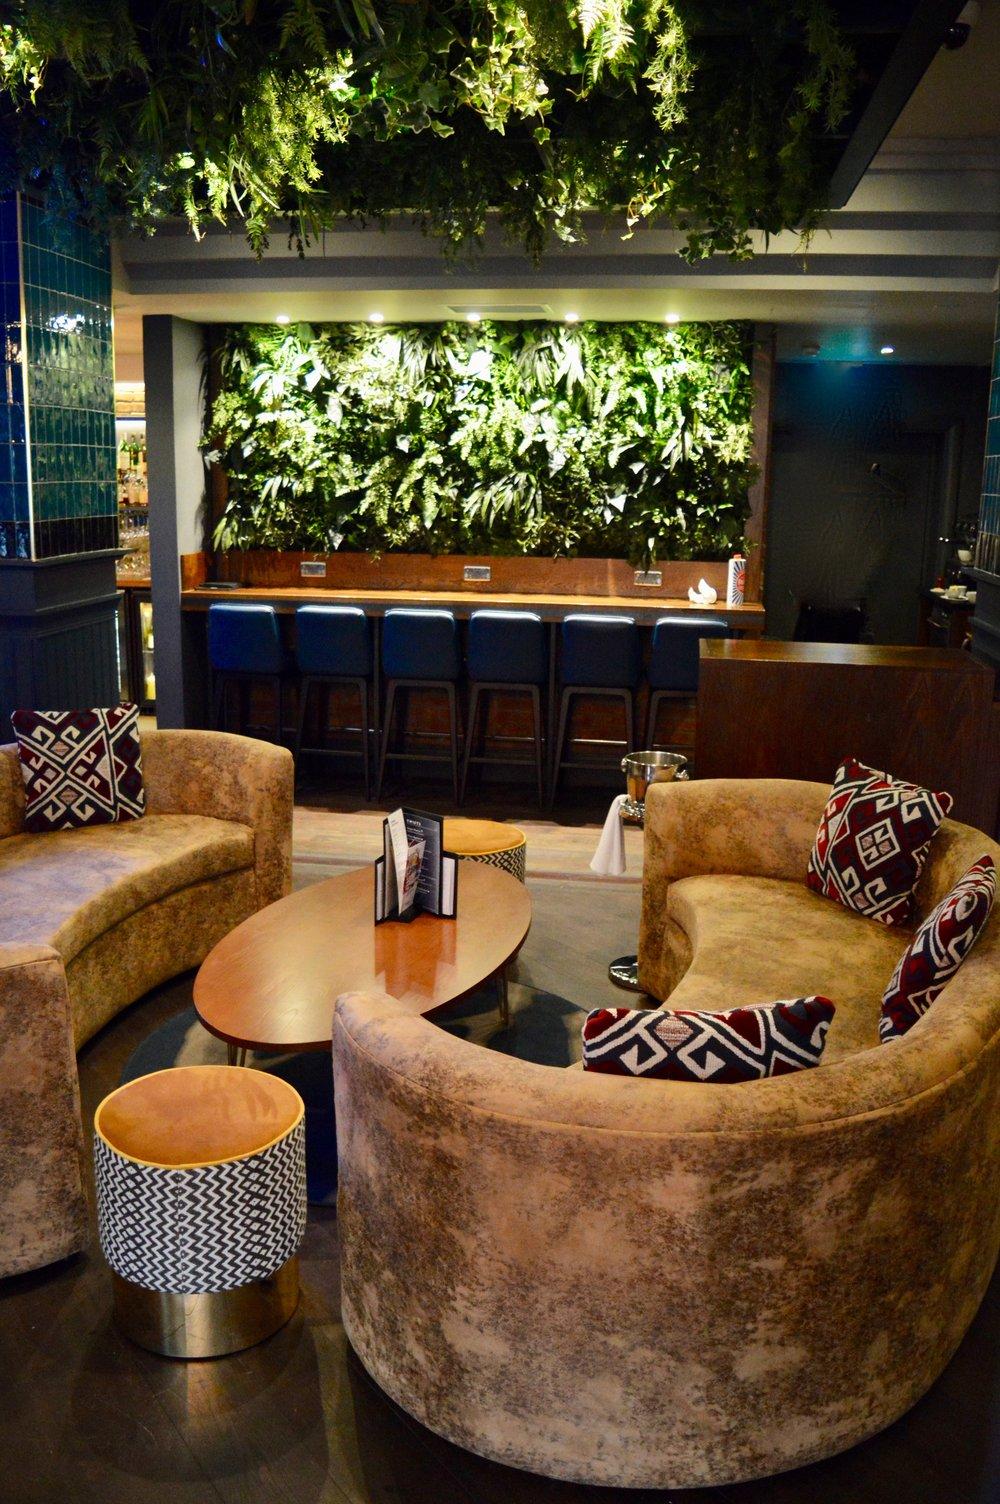 chez_mal_malmaison_newcastle_bar_launch_boutique_hotel_elle_blonde_luxury_lifestyle_blog-5